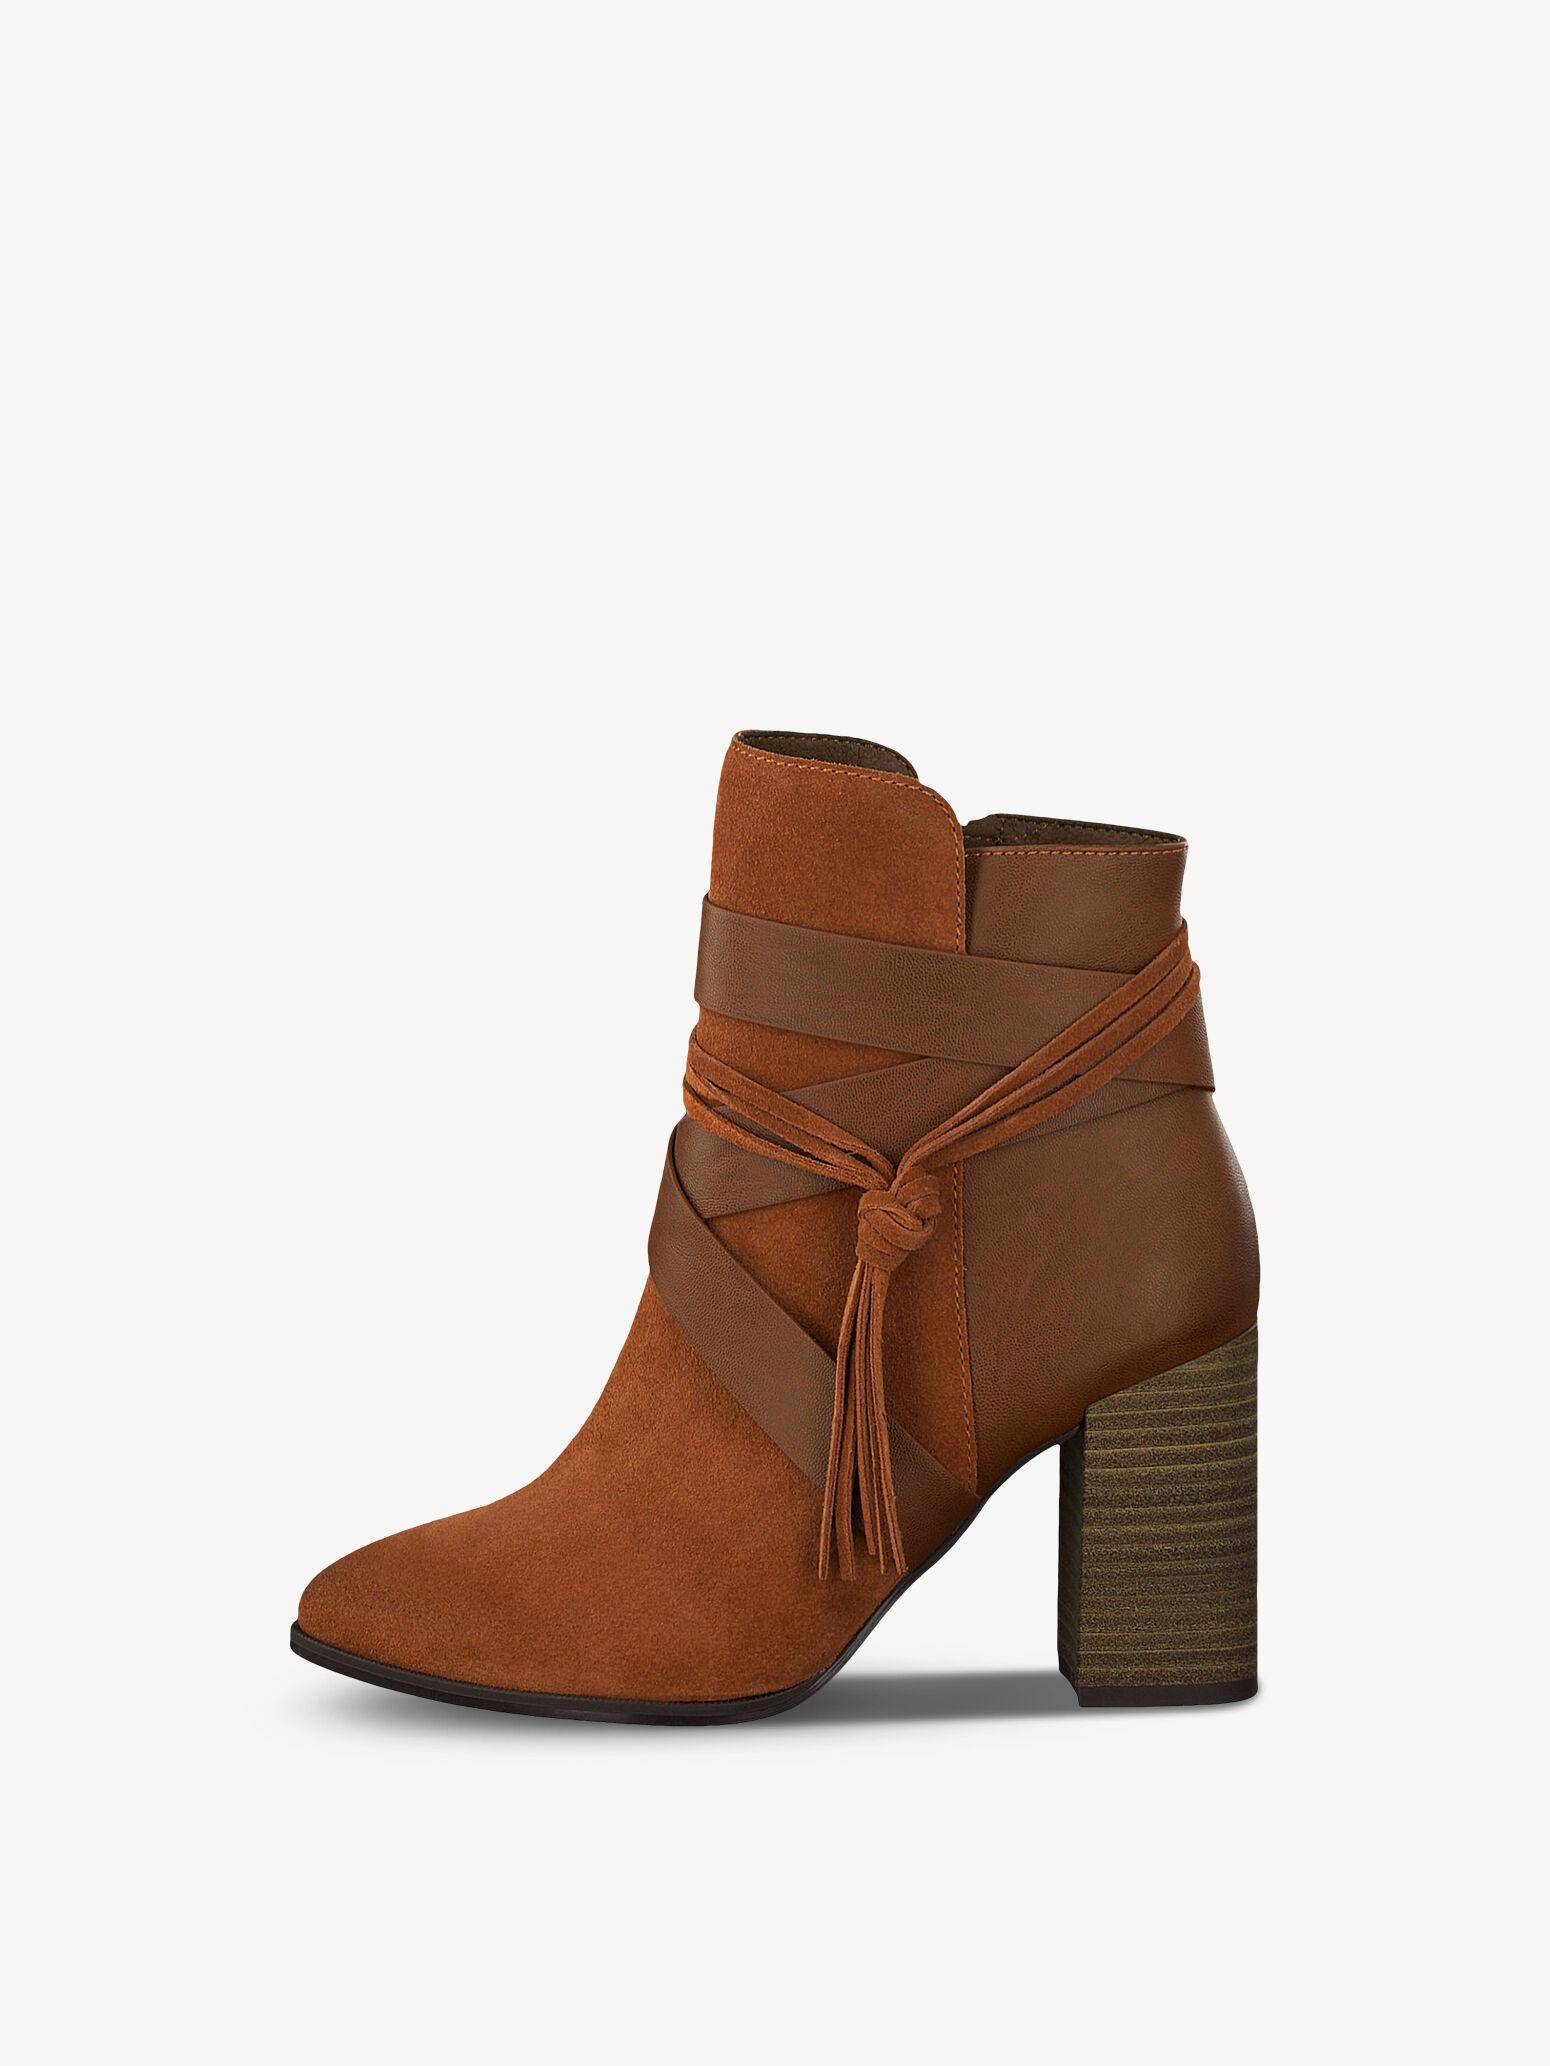 Neue Damenschuhe jetzt online kaufen auf